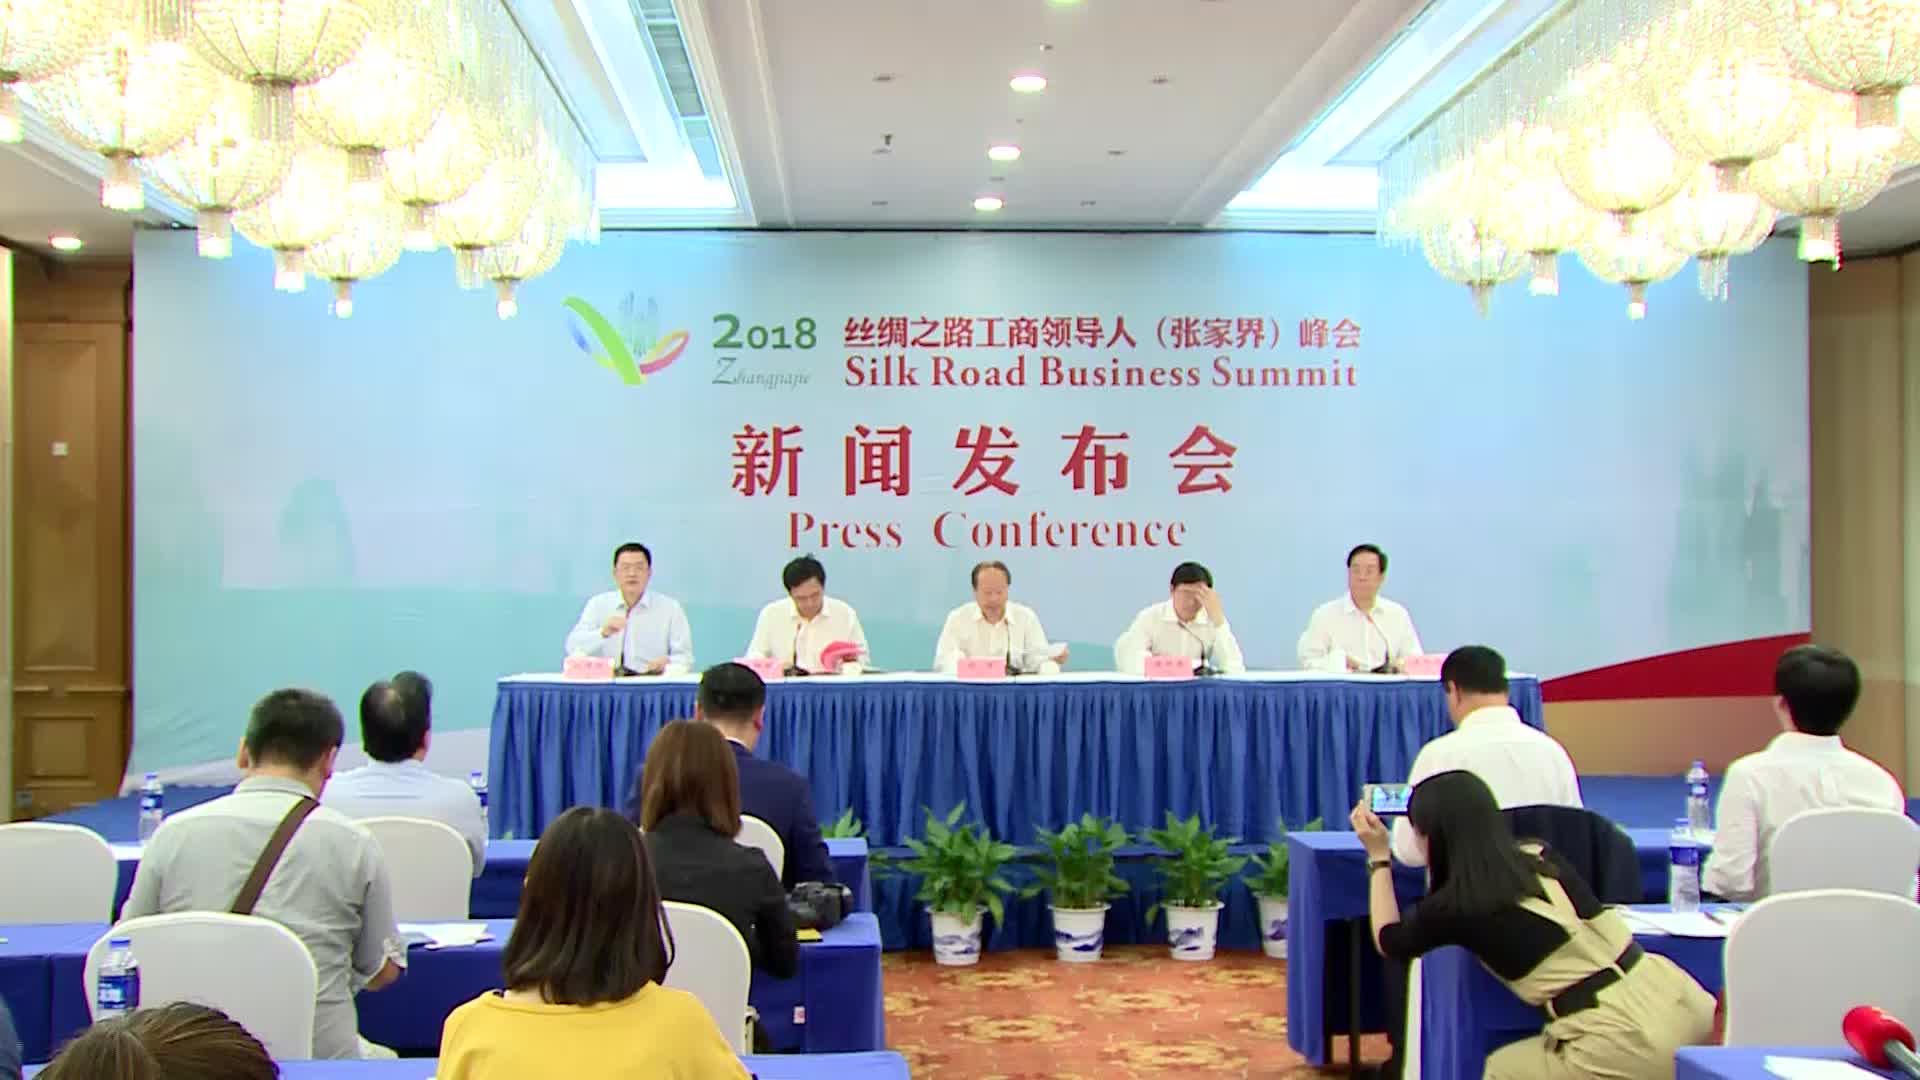 【全程回放】2018丝绸之路工商领导人(张家界)峰会新闻发布会